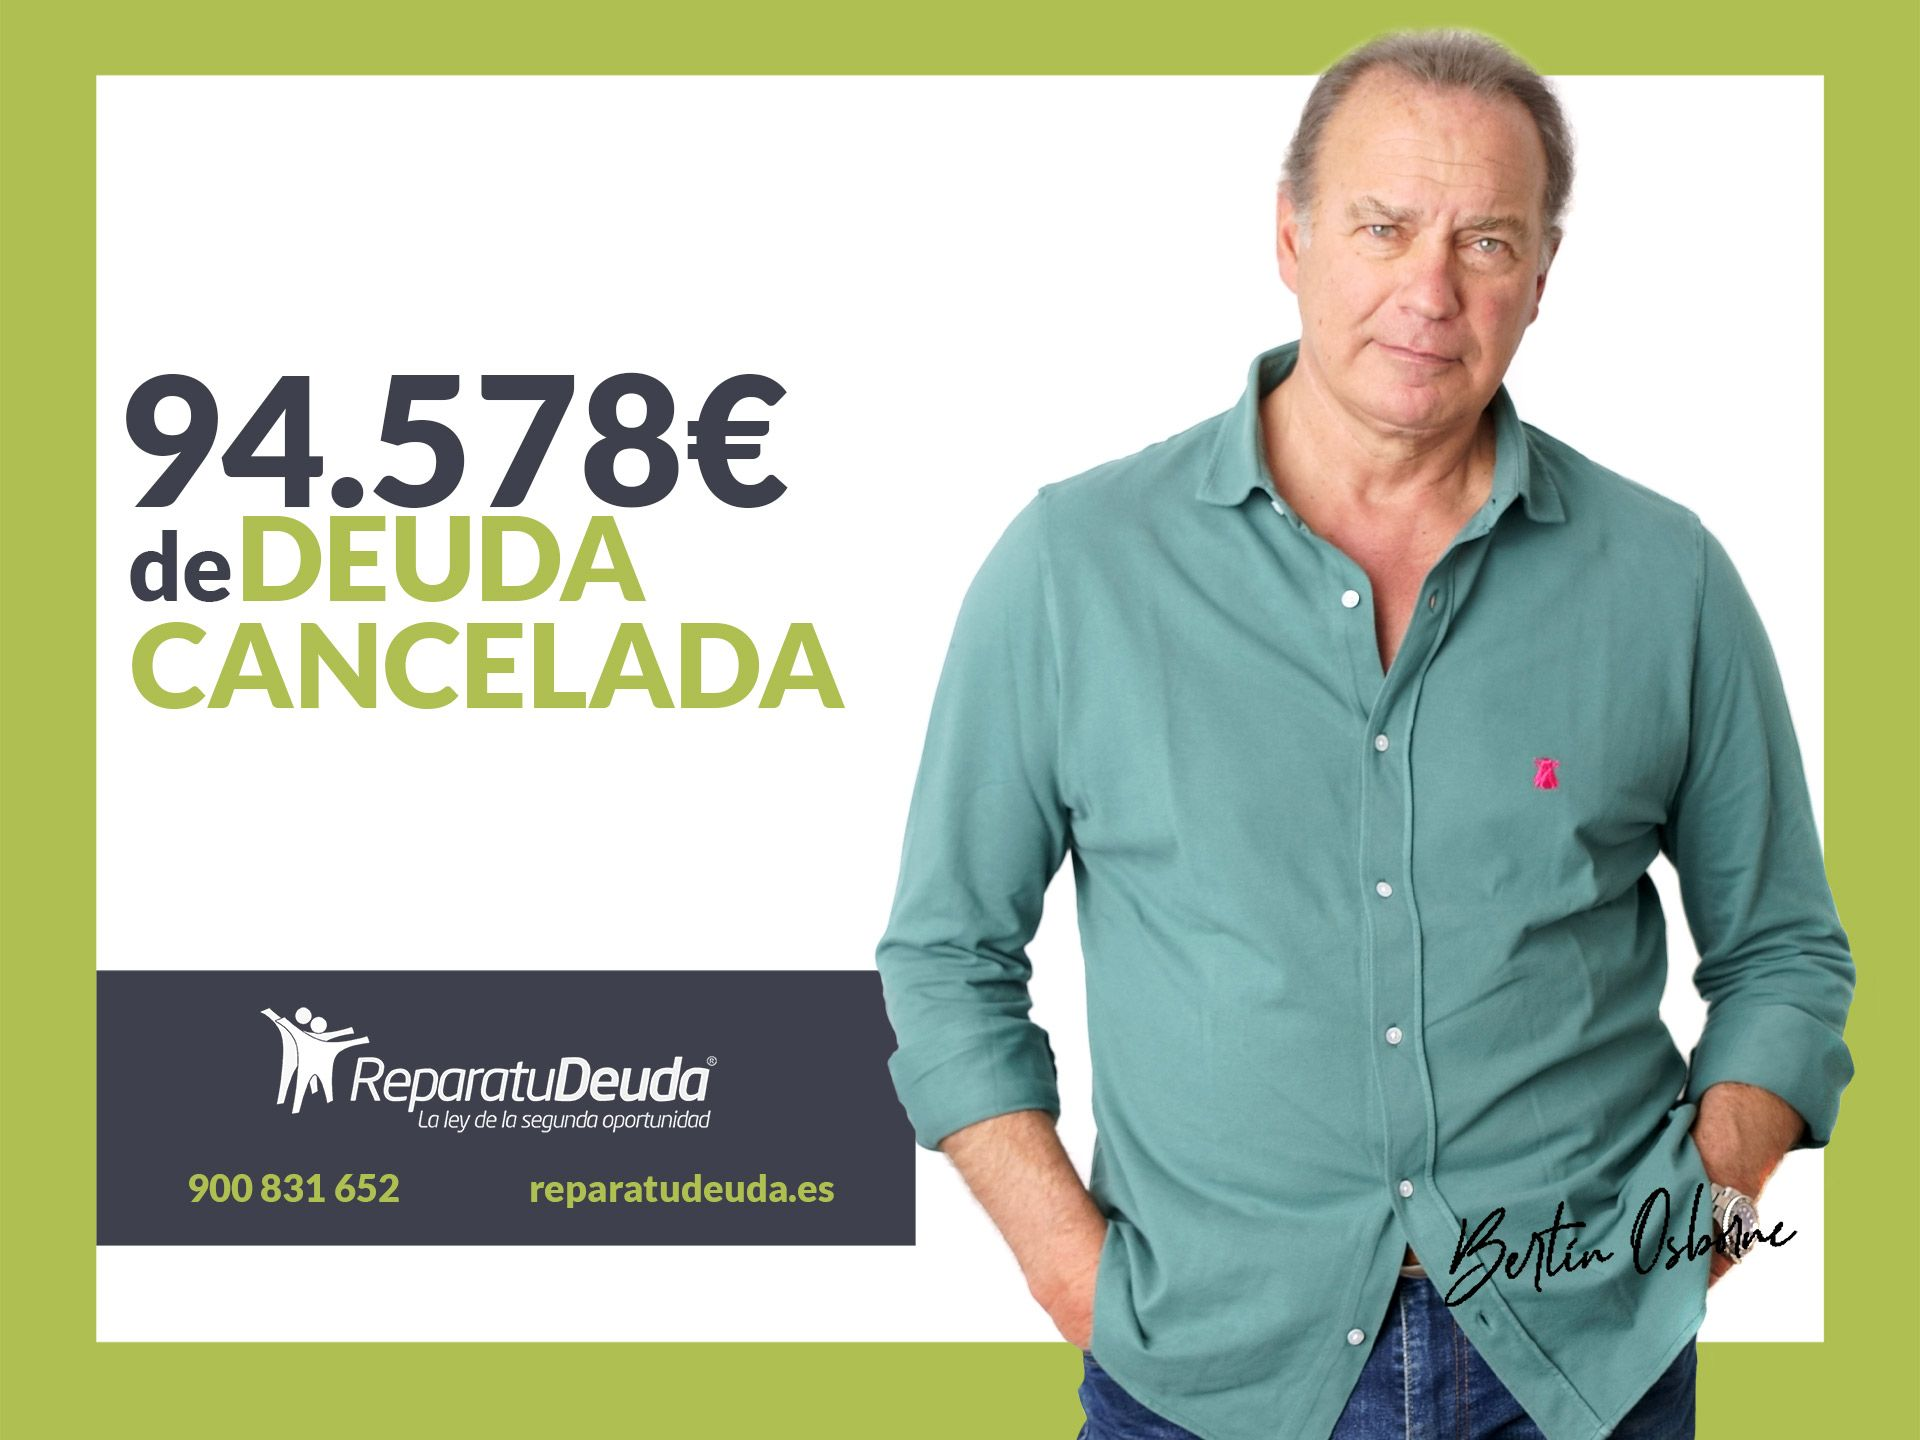 Repara tu Deuda Abogados cancela 94.578 ? en Madrid con la Ley de Segunda Oportunidad